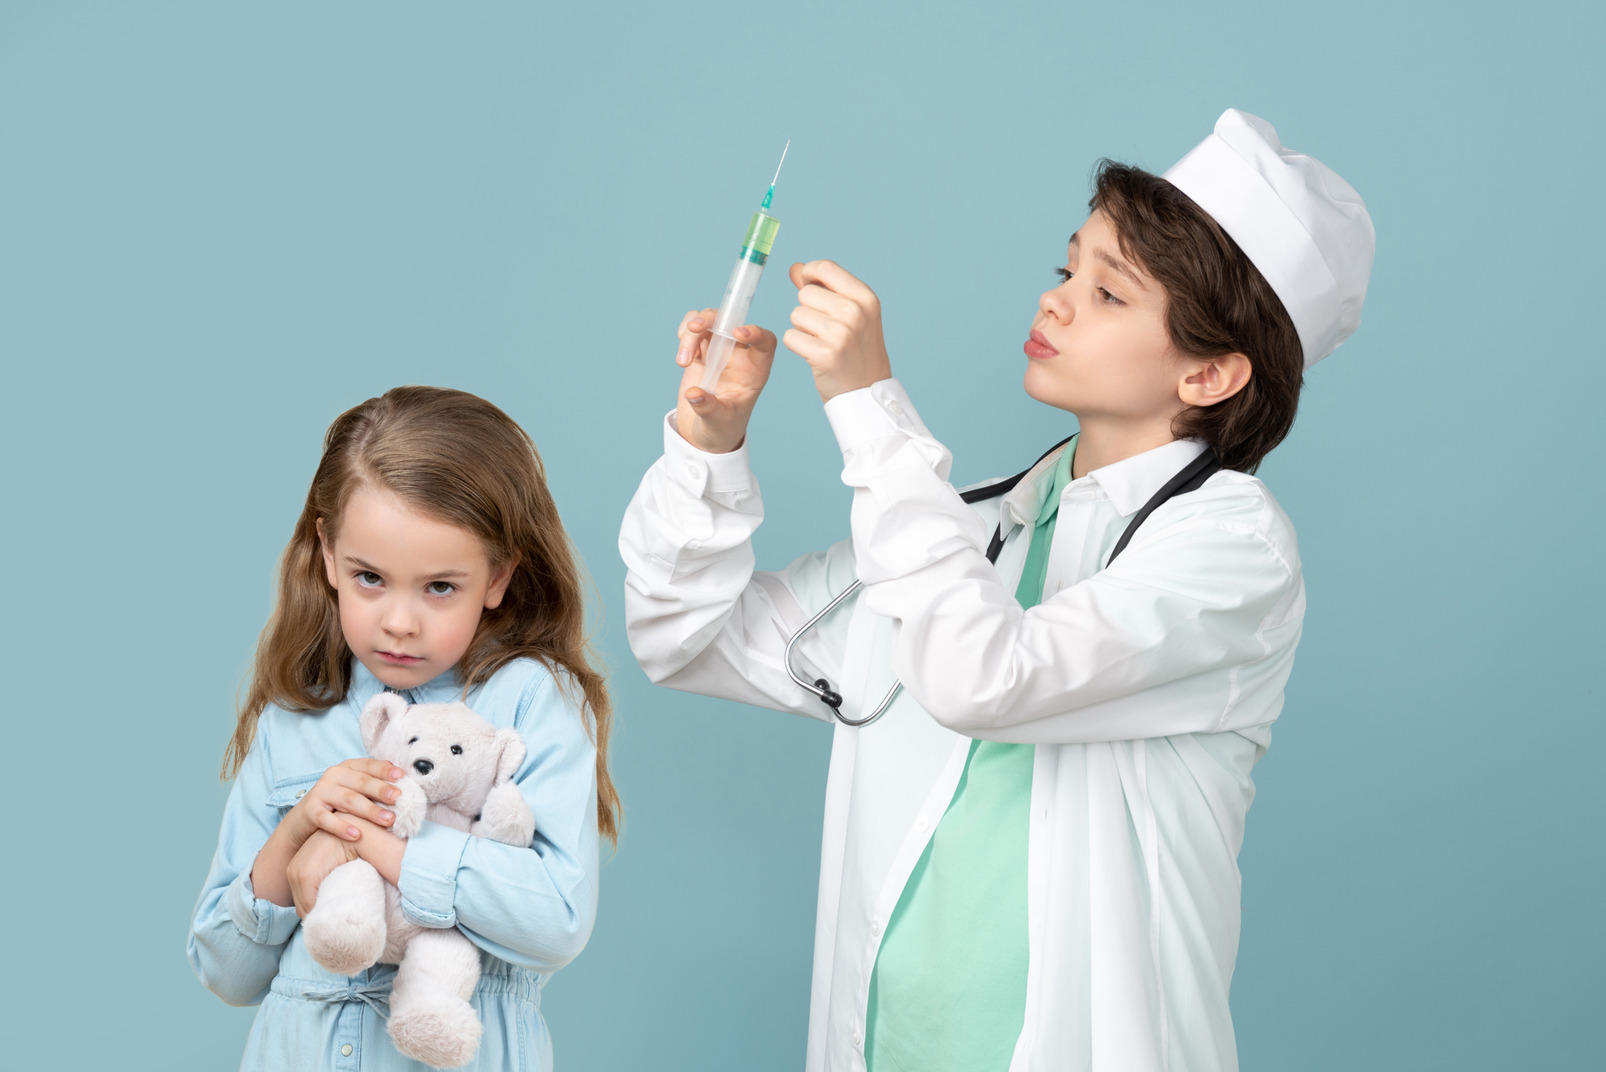 Vermutlich reden wir hier über ernsthafte medizin